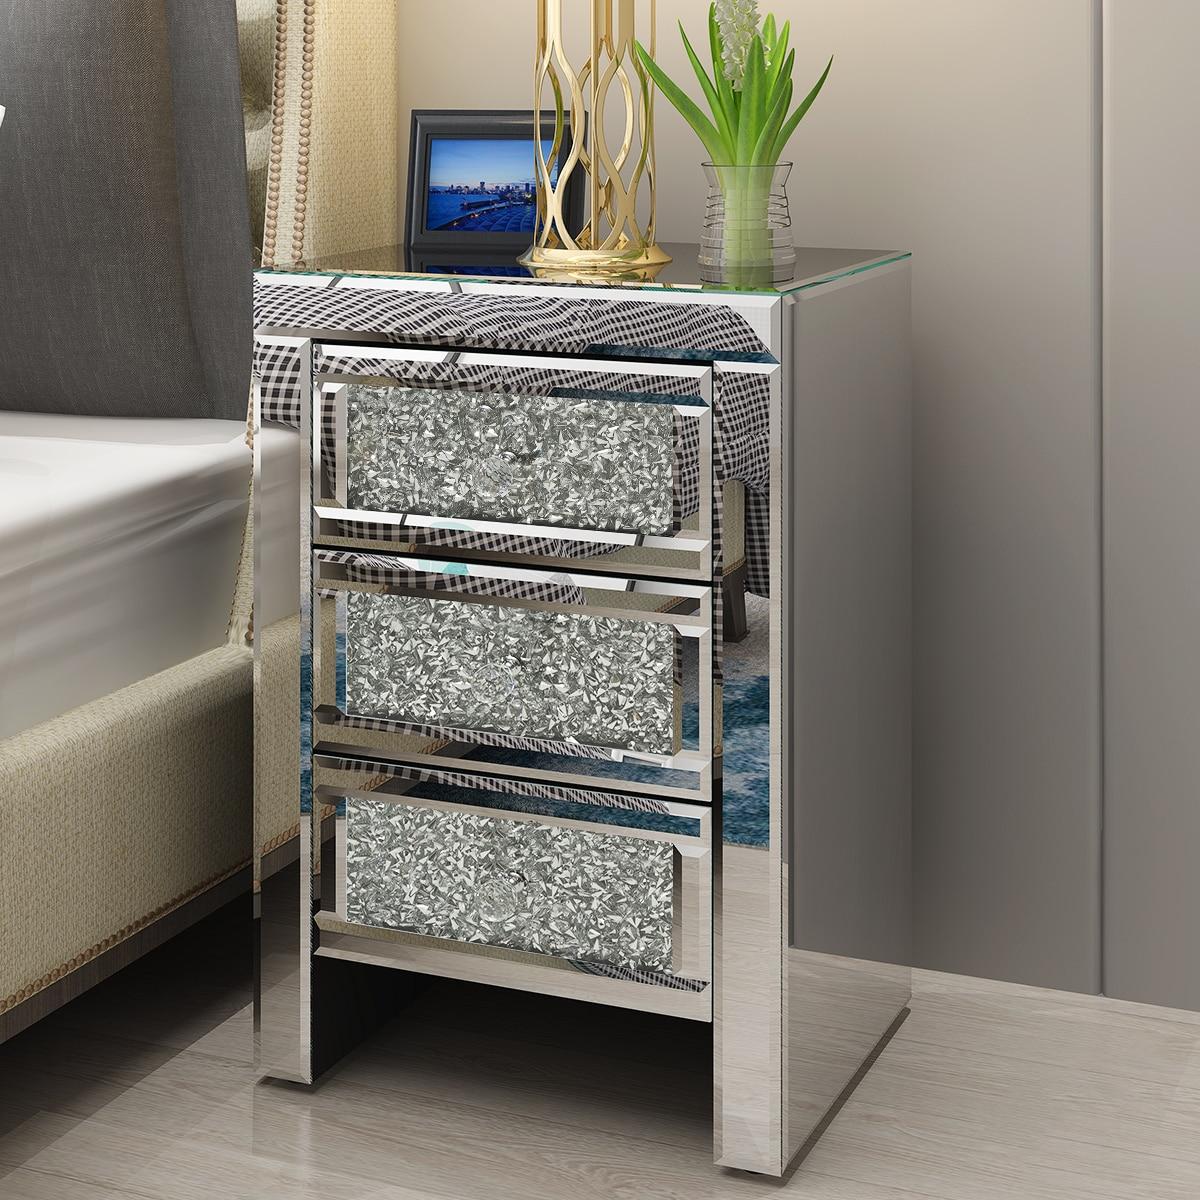 Panana espelhada mesa de cabeceira vidro cristal 3 gaveta quarto armário mesa cabeceira entrega rápida